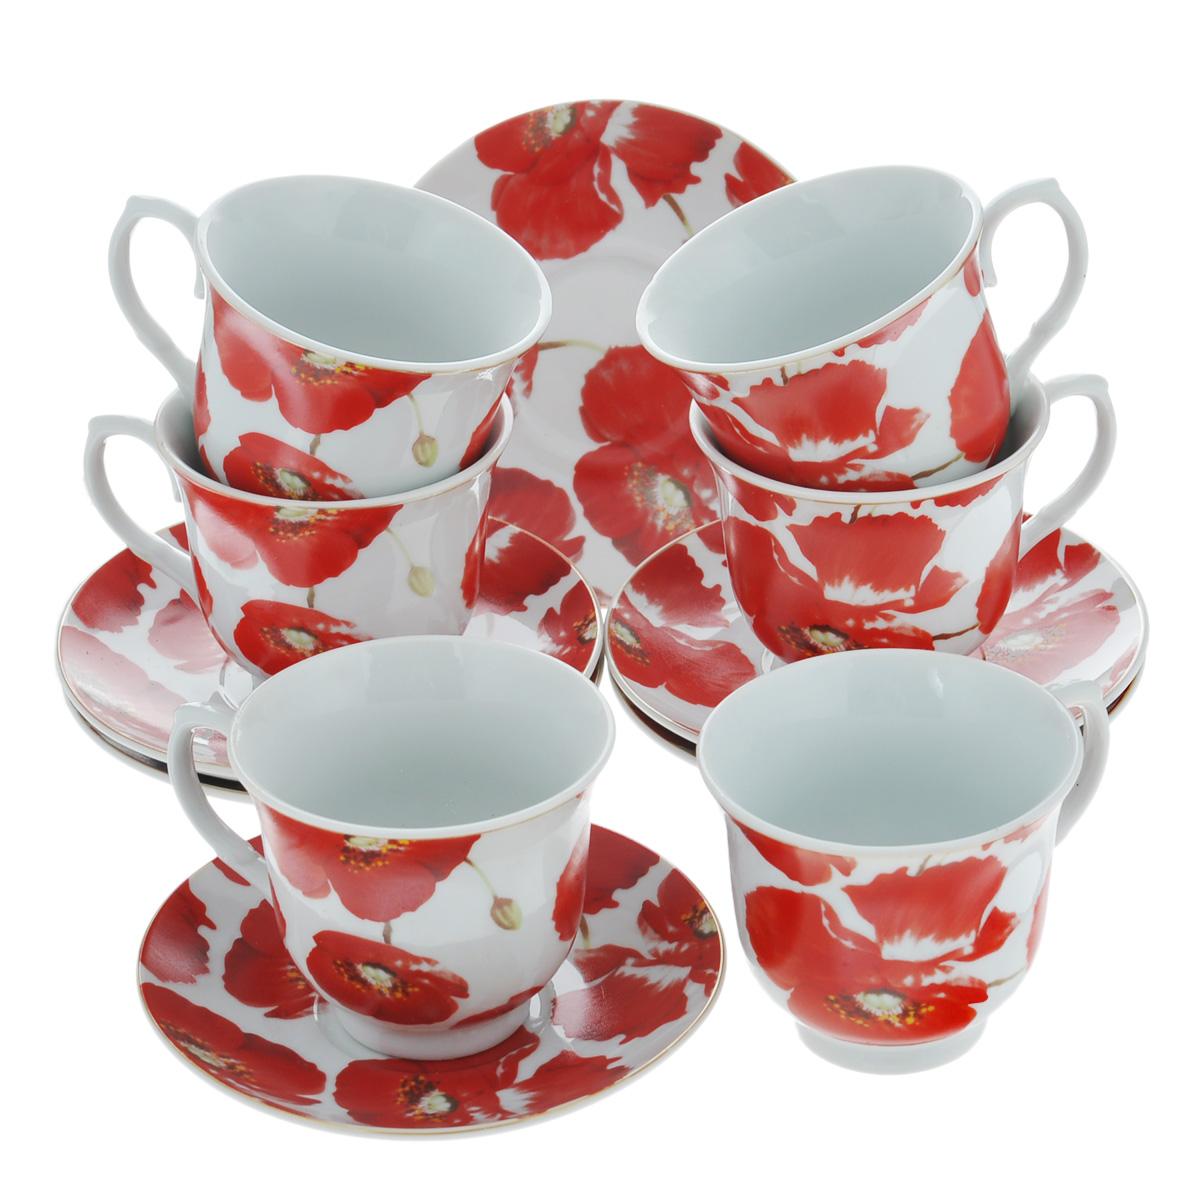 Набор чайный Bekker, 12 предметов. BK-5977BK-5977Чайный набор Bekker состоит из шести чашек и шести блюдец. Предметы набора изготовлены из высококачественного фарфора белого цвета и украшены ярким изображением красных маков. Чайный набор яркого и в тоже время лаконичного дизайна украсит интерьер кухни и сделает ежедневное чаепитие настоящим праздником.Набор упакован в круглую подарочную картонную коробку золотистого цвета. Подходит для мытья в посудомоечной машине. Объем чашки: 220 мл. Диаметр чашки (по верхнему краю): 9 см. Высота чашки: 7,5 см. Диаметр блюдца: 14 см.